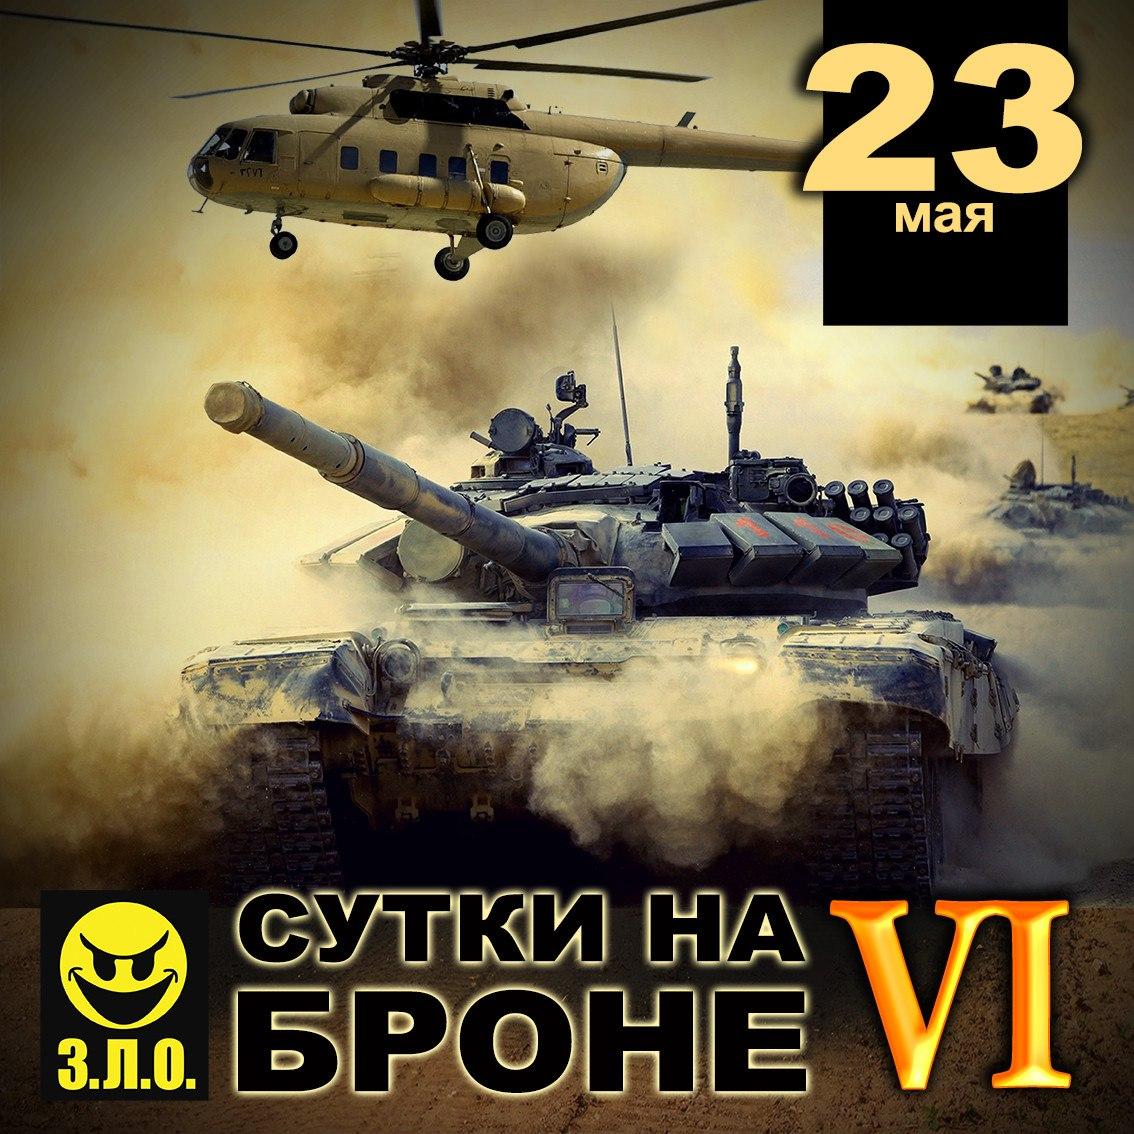 http://sg.uploads.ru/3oPpK.jpg